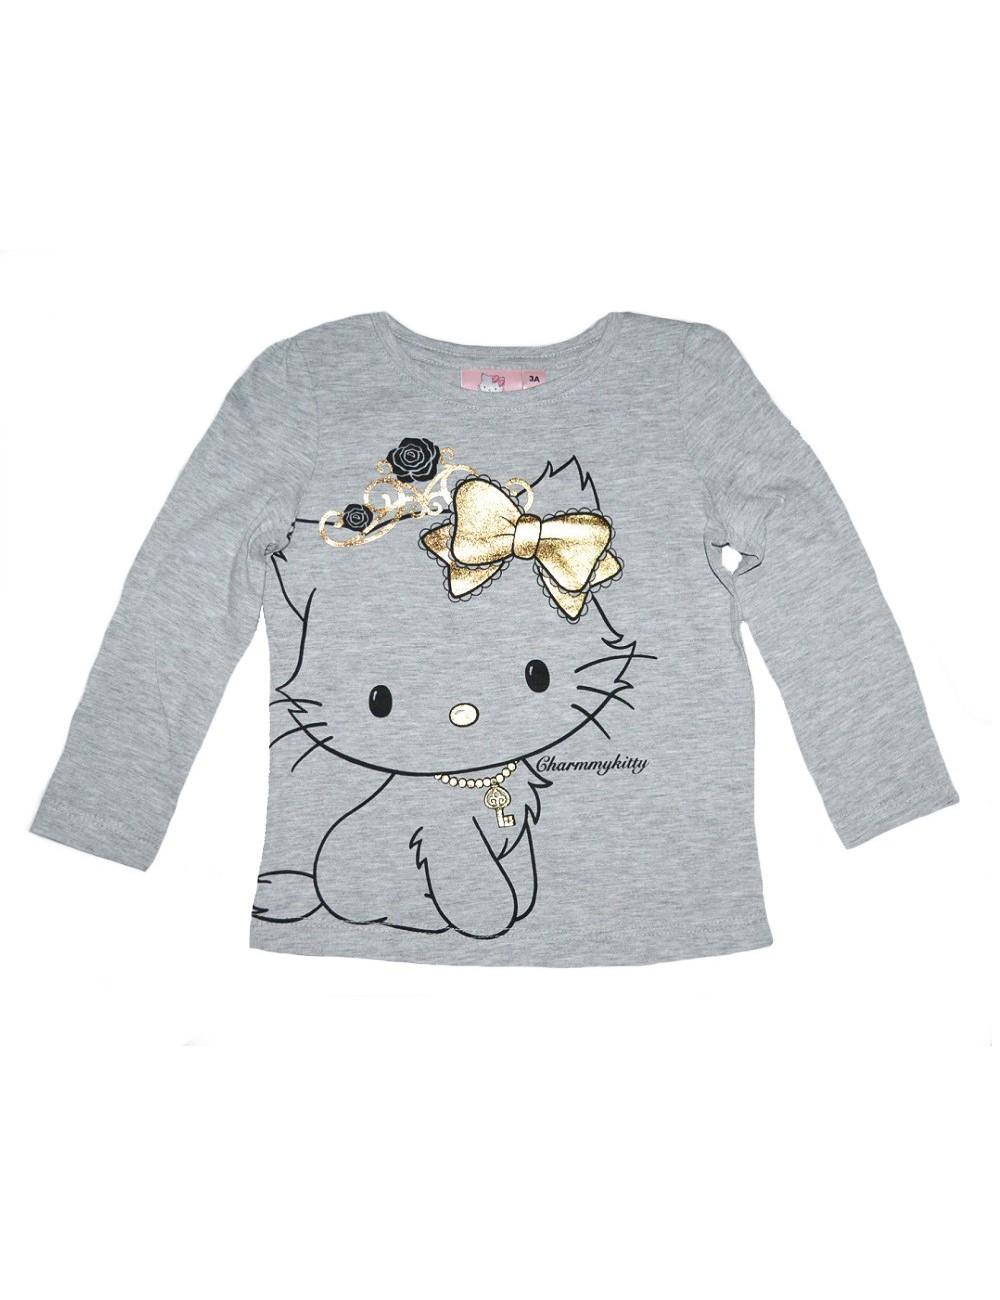 Bluza Charmmy Kitty, gri, 3-8 ani